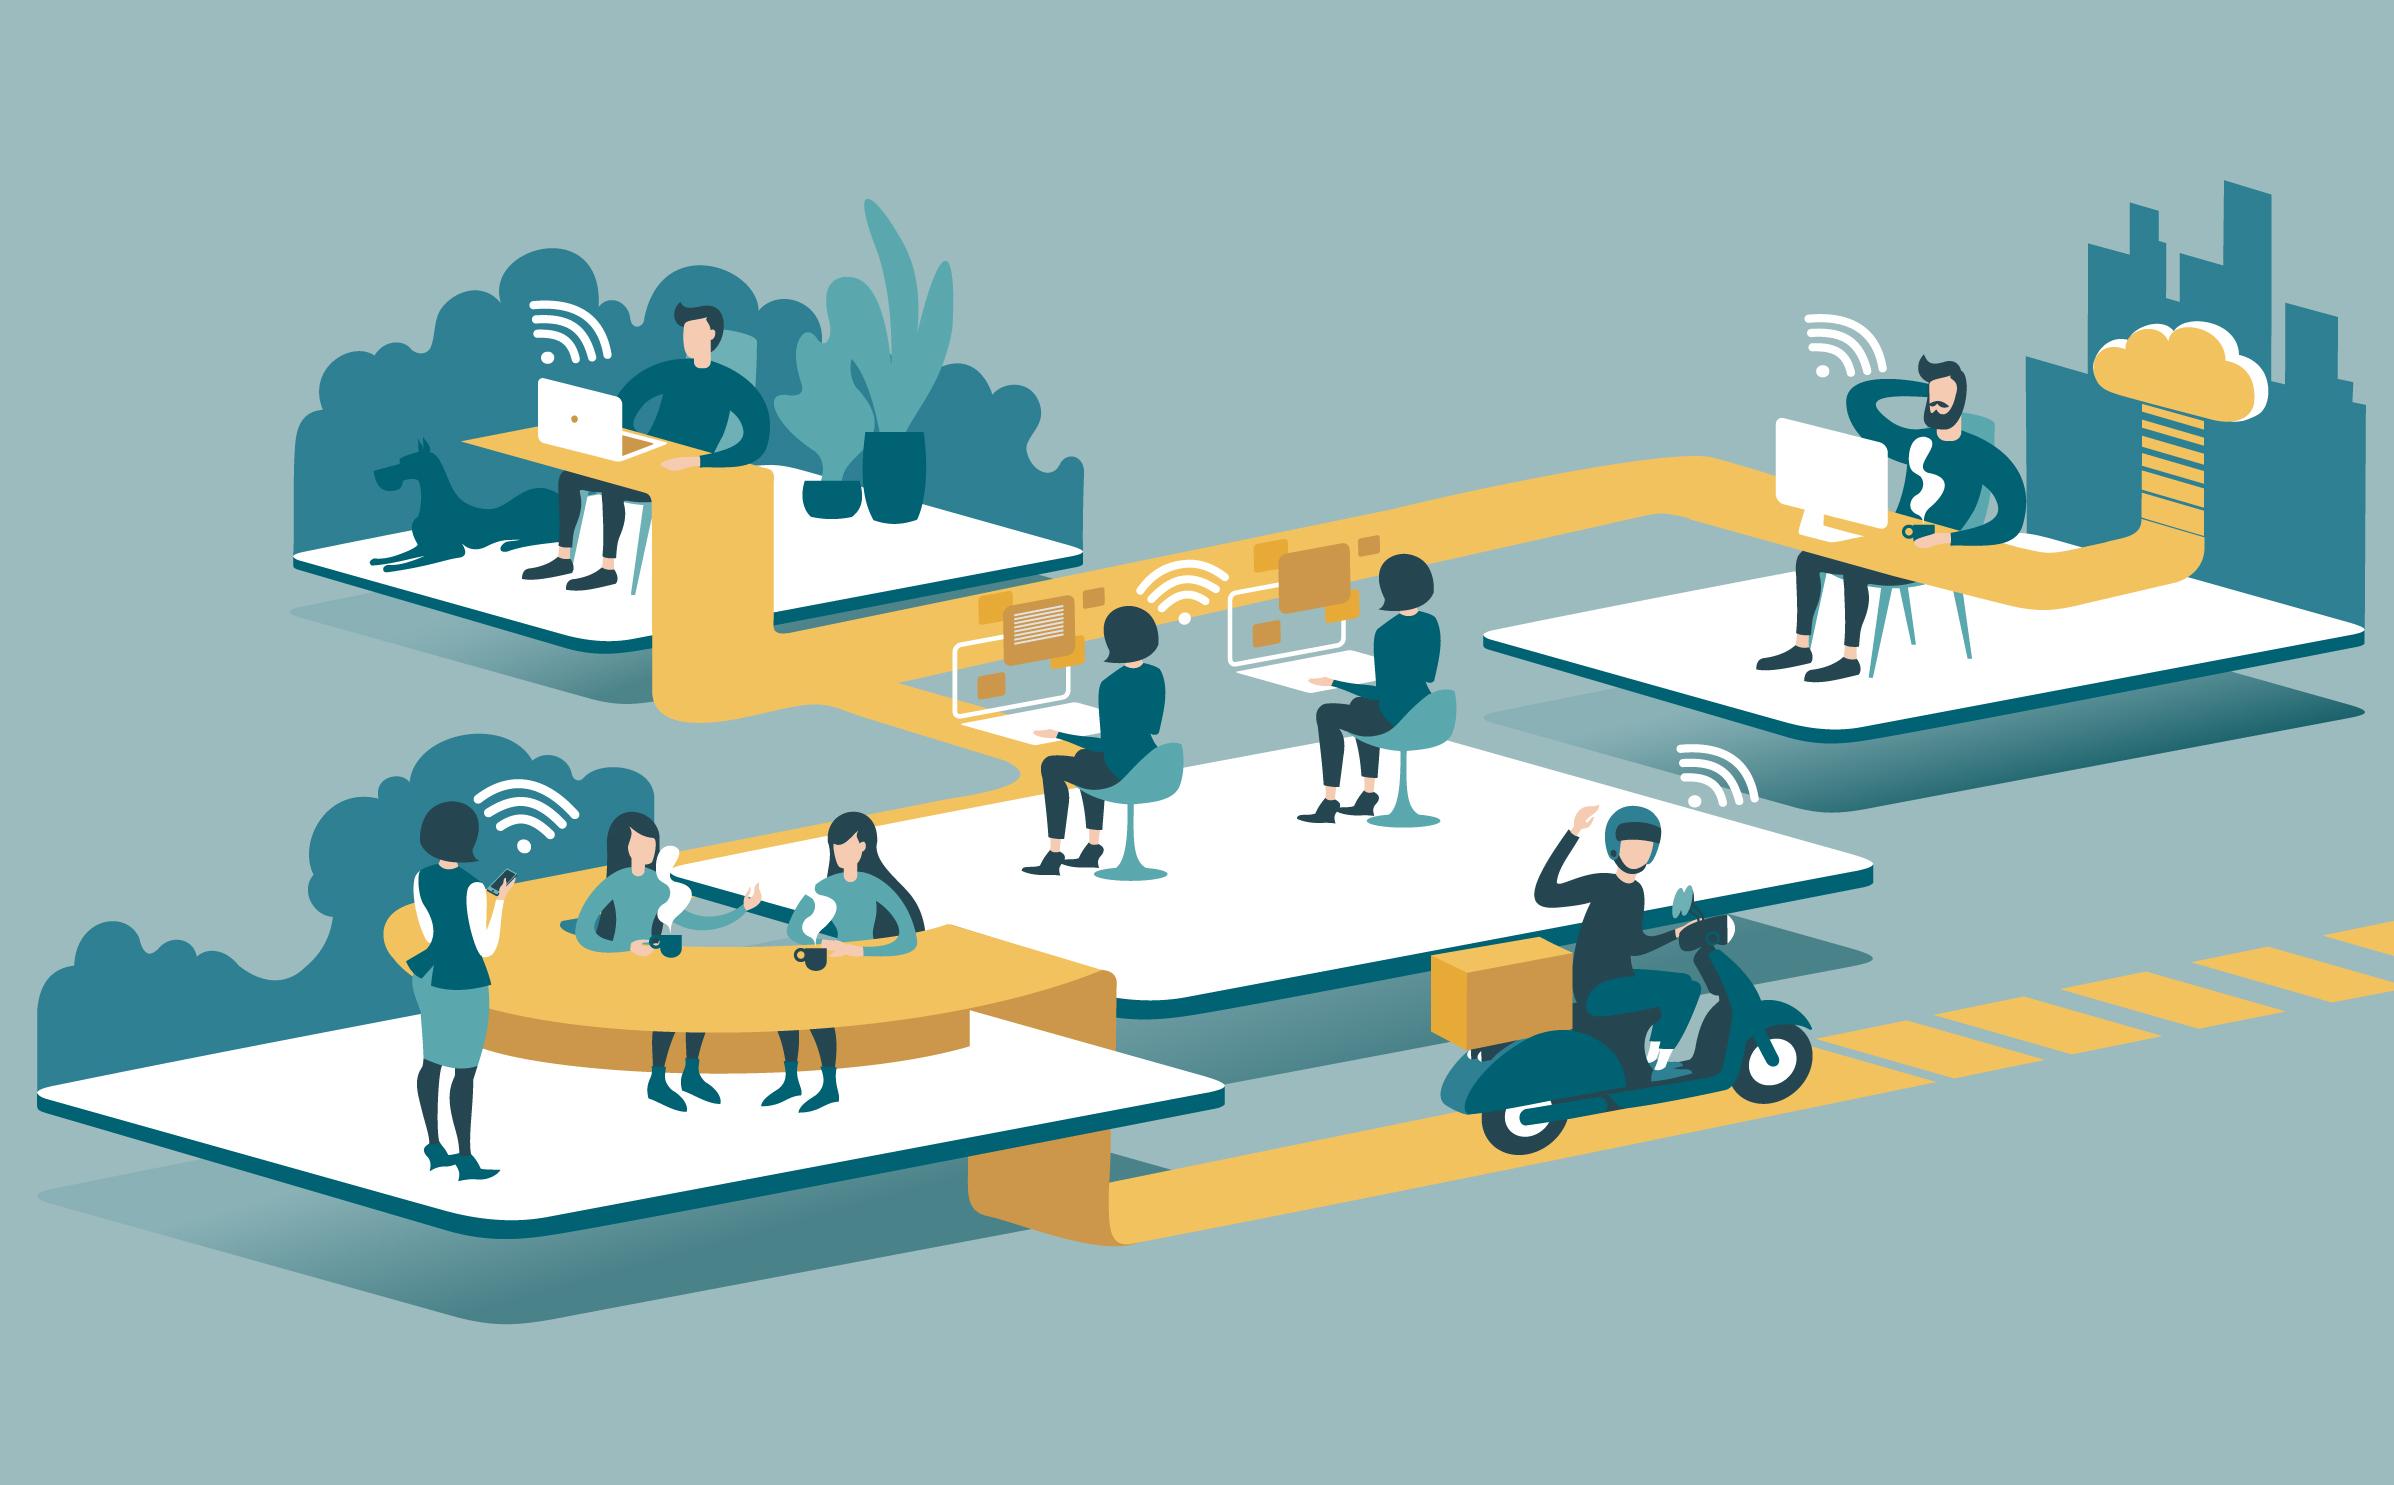 «اقتصاد گیگ» چه درهای جدیدی به روی بازار کار باز می کند؟